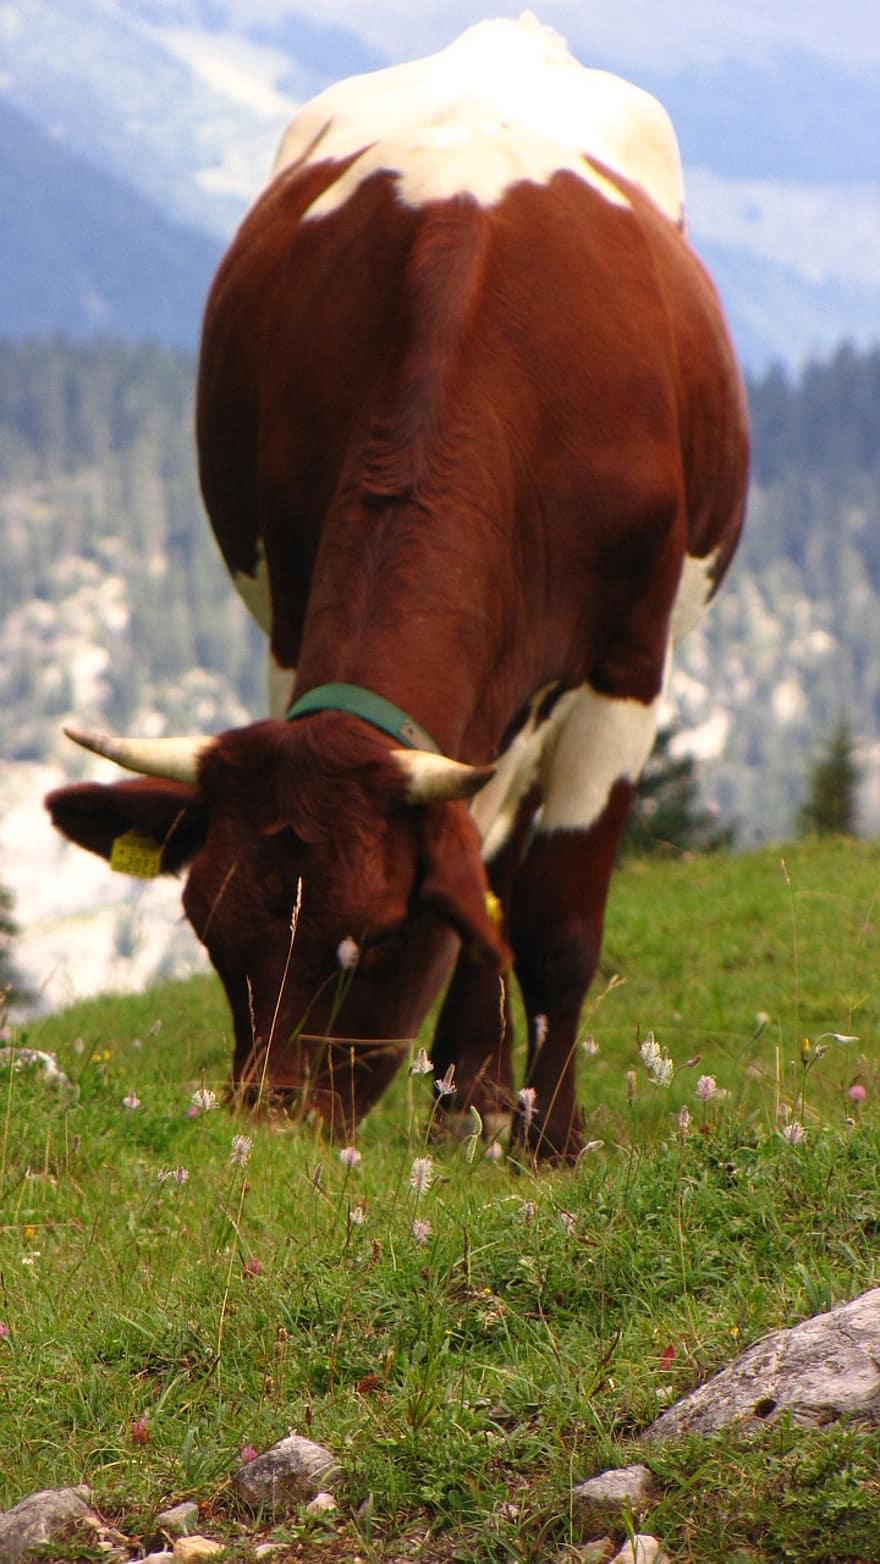 Hewan Pemamah Biak : hewan, pemamah, Sapi,, Alam,, Hewan,, Ternak,, Alpine,, Pemamah, Biak,, Pedesaan, Pikist